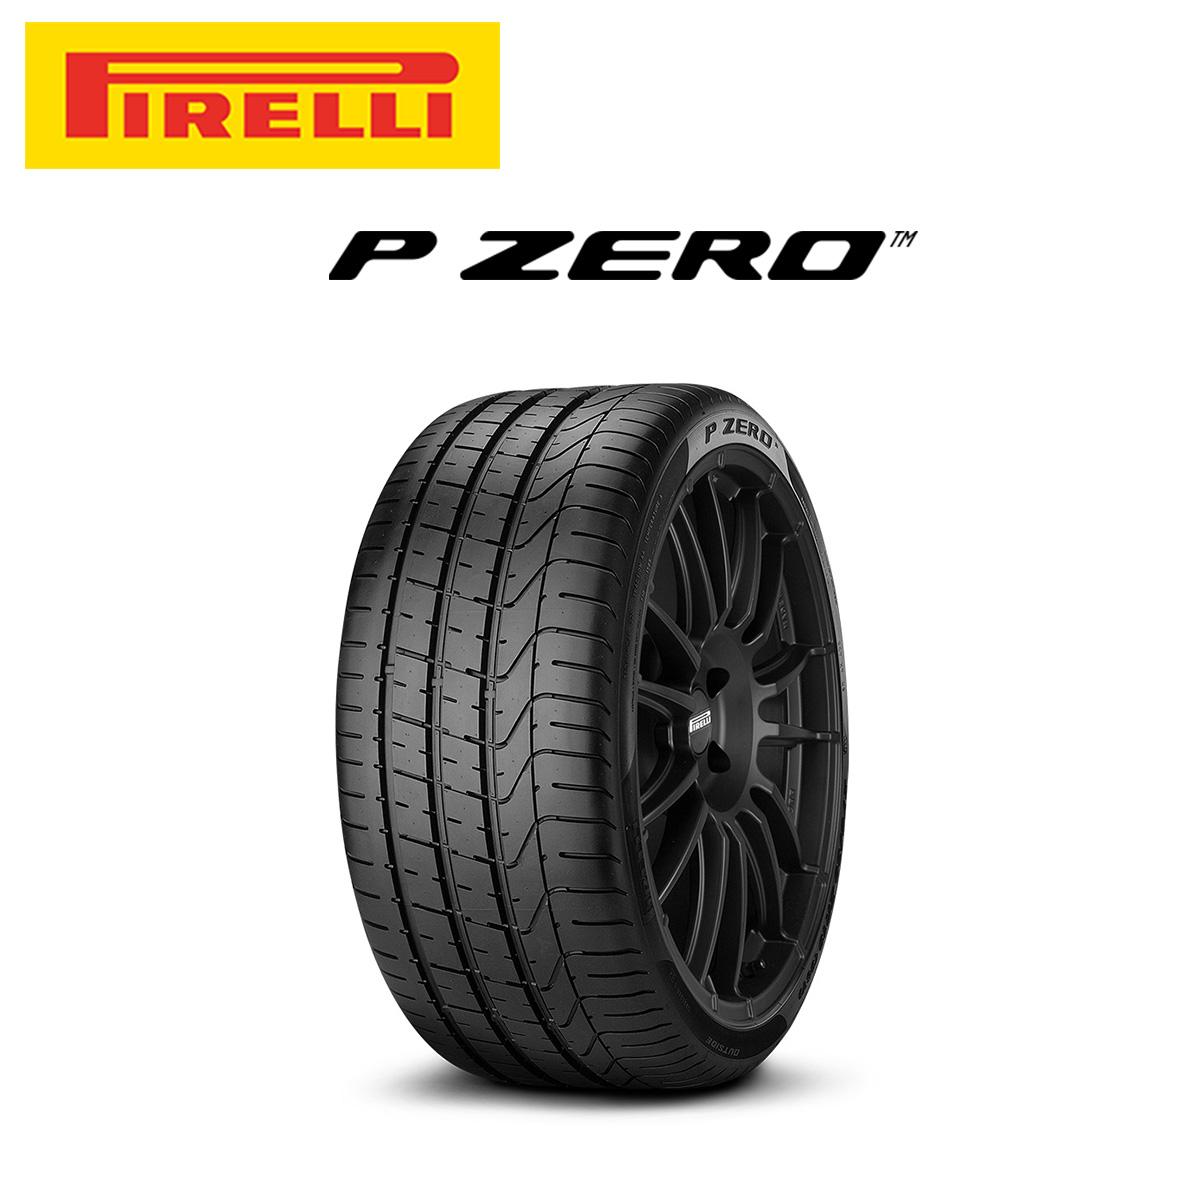 ピレリ PIRELLI P ZERO ピーゼロ 20インチ サマー タイヤ 1本 325/25ZR20 101Y XL 2311400